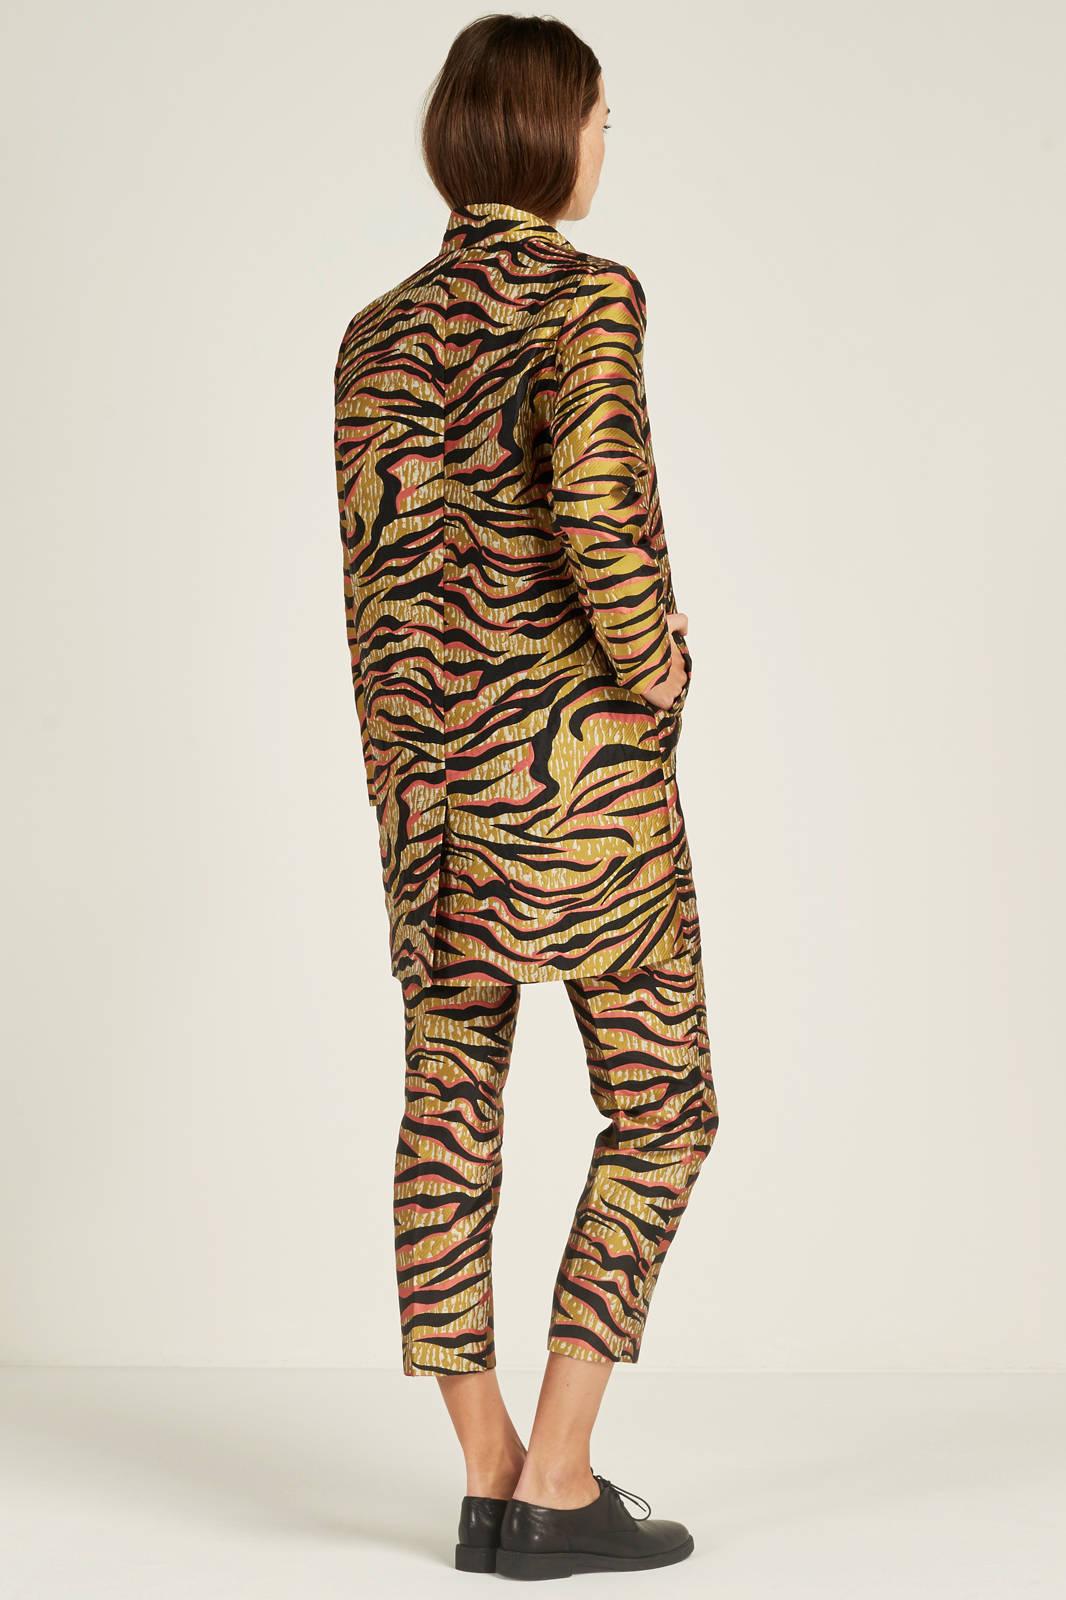 10 FEET jas met zebraprint | wehkamp